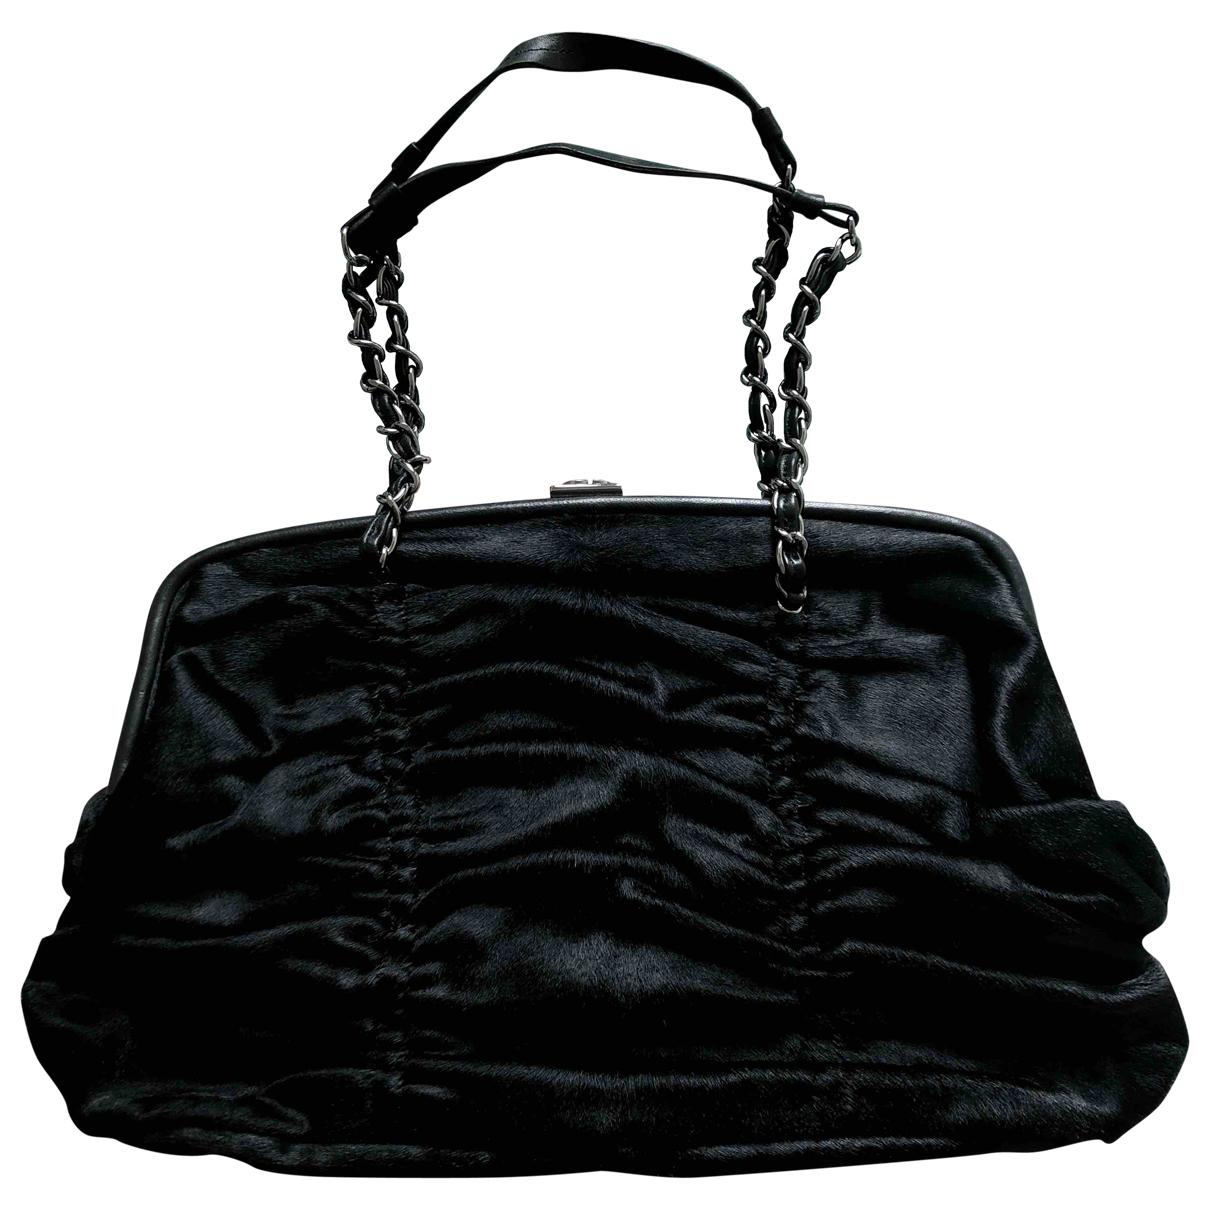 Bolso  de Piel de potro de imitacion Chanel